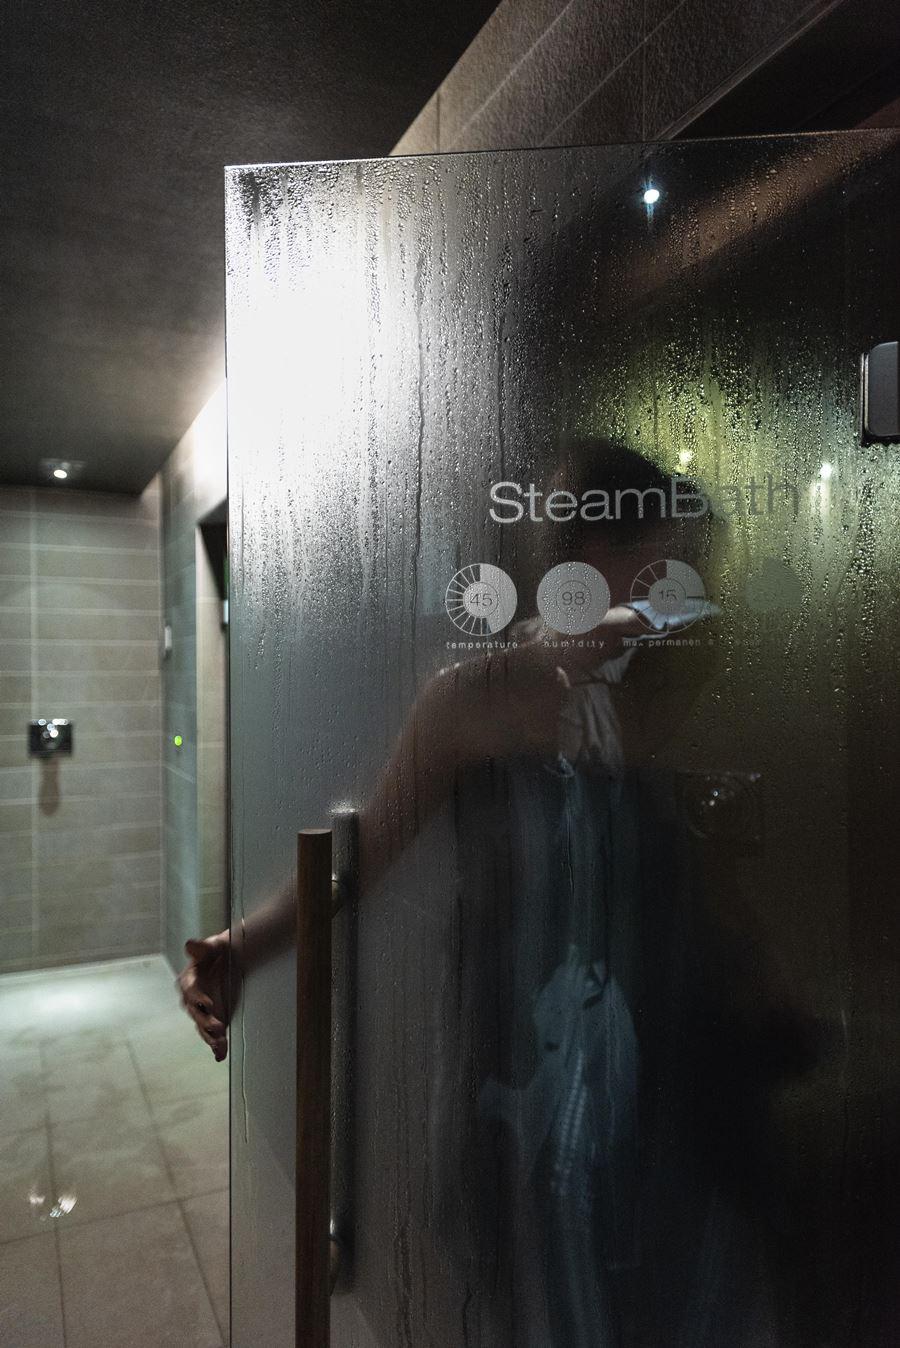 attrezzature spa professionali Starpool bagno di vapore